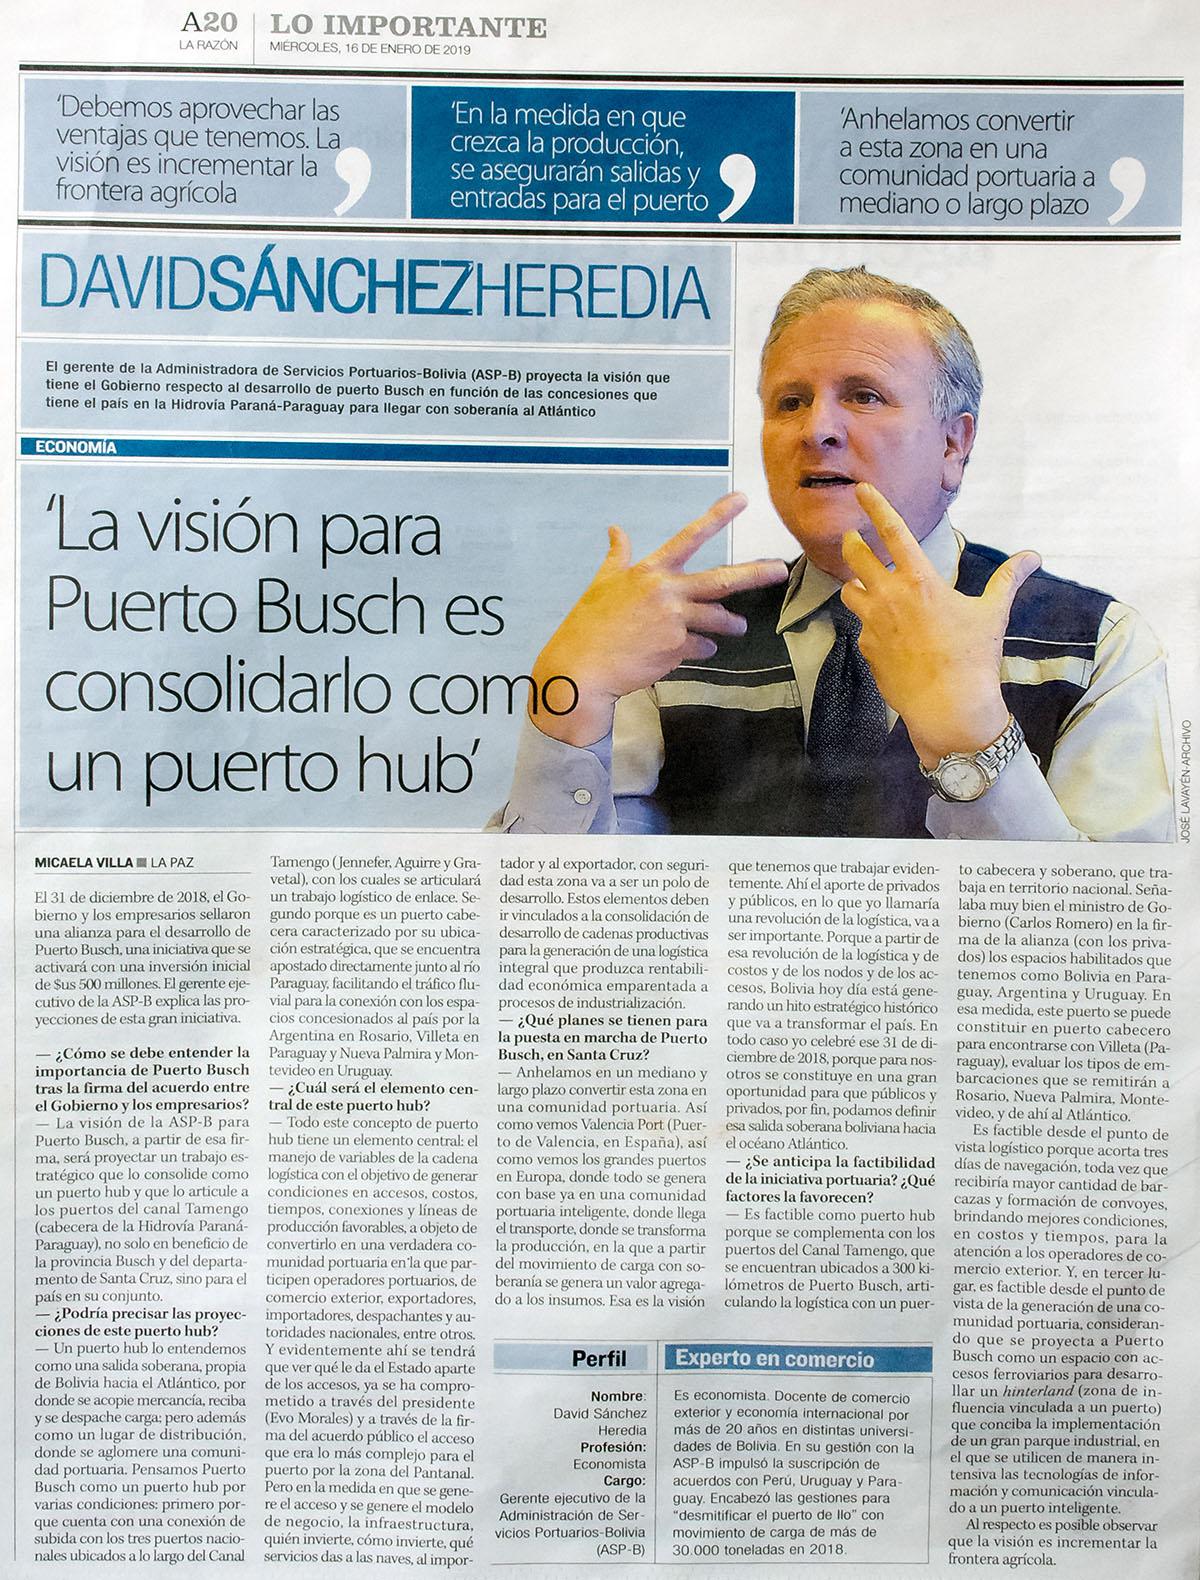 La visión para Puerto Busch es consolidarlo como puerto hub